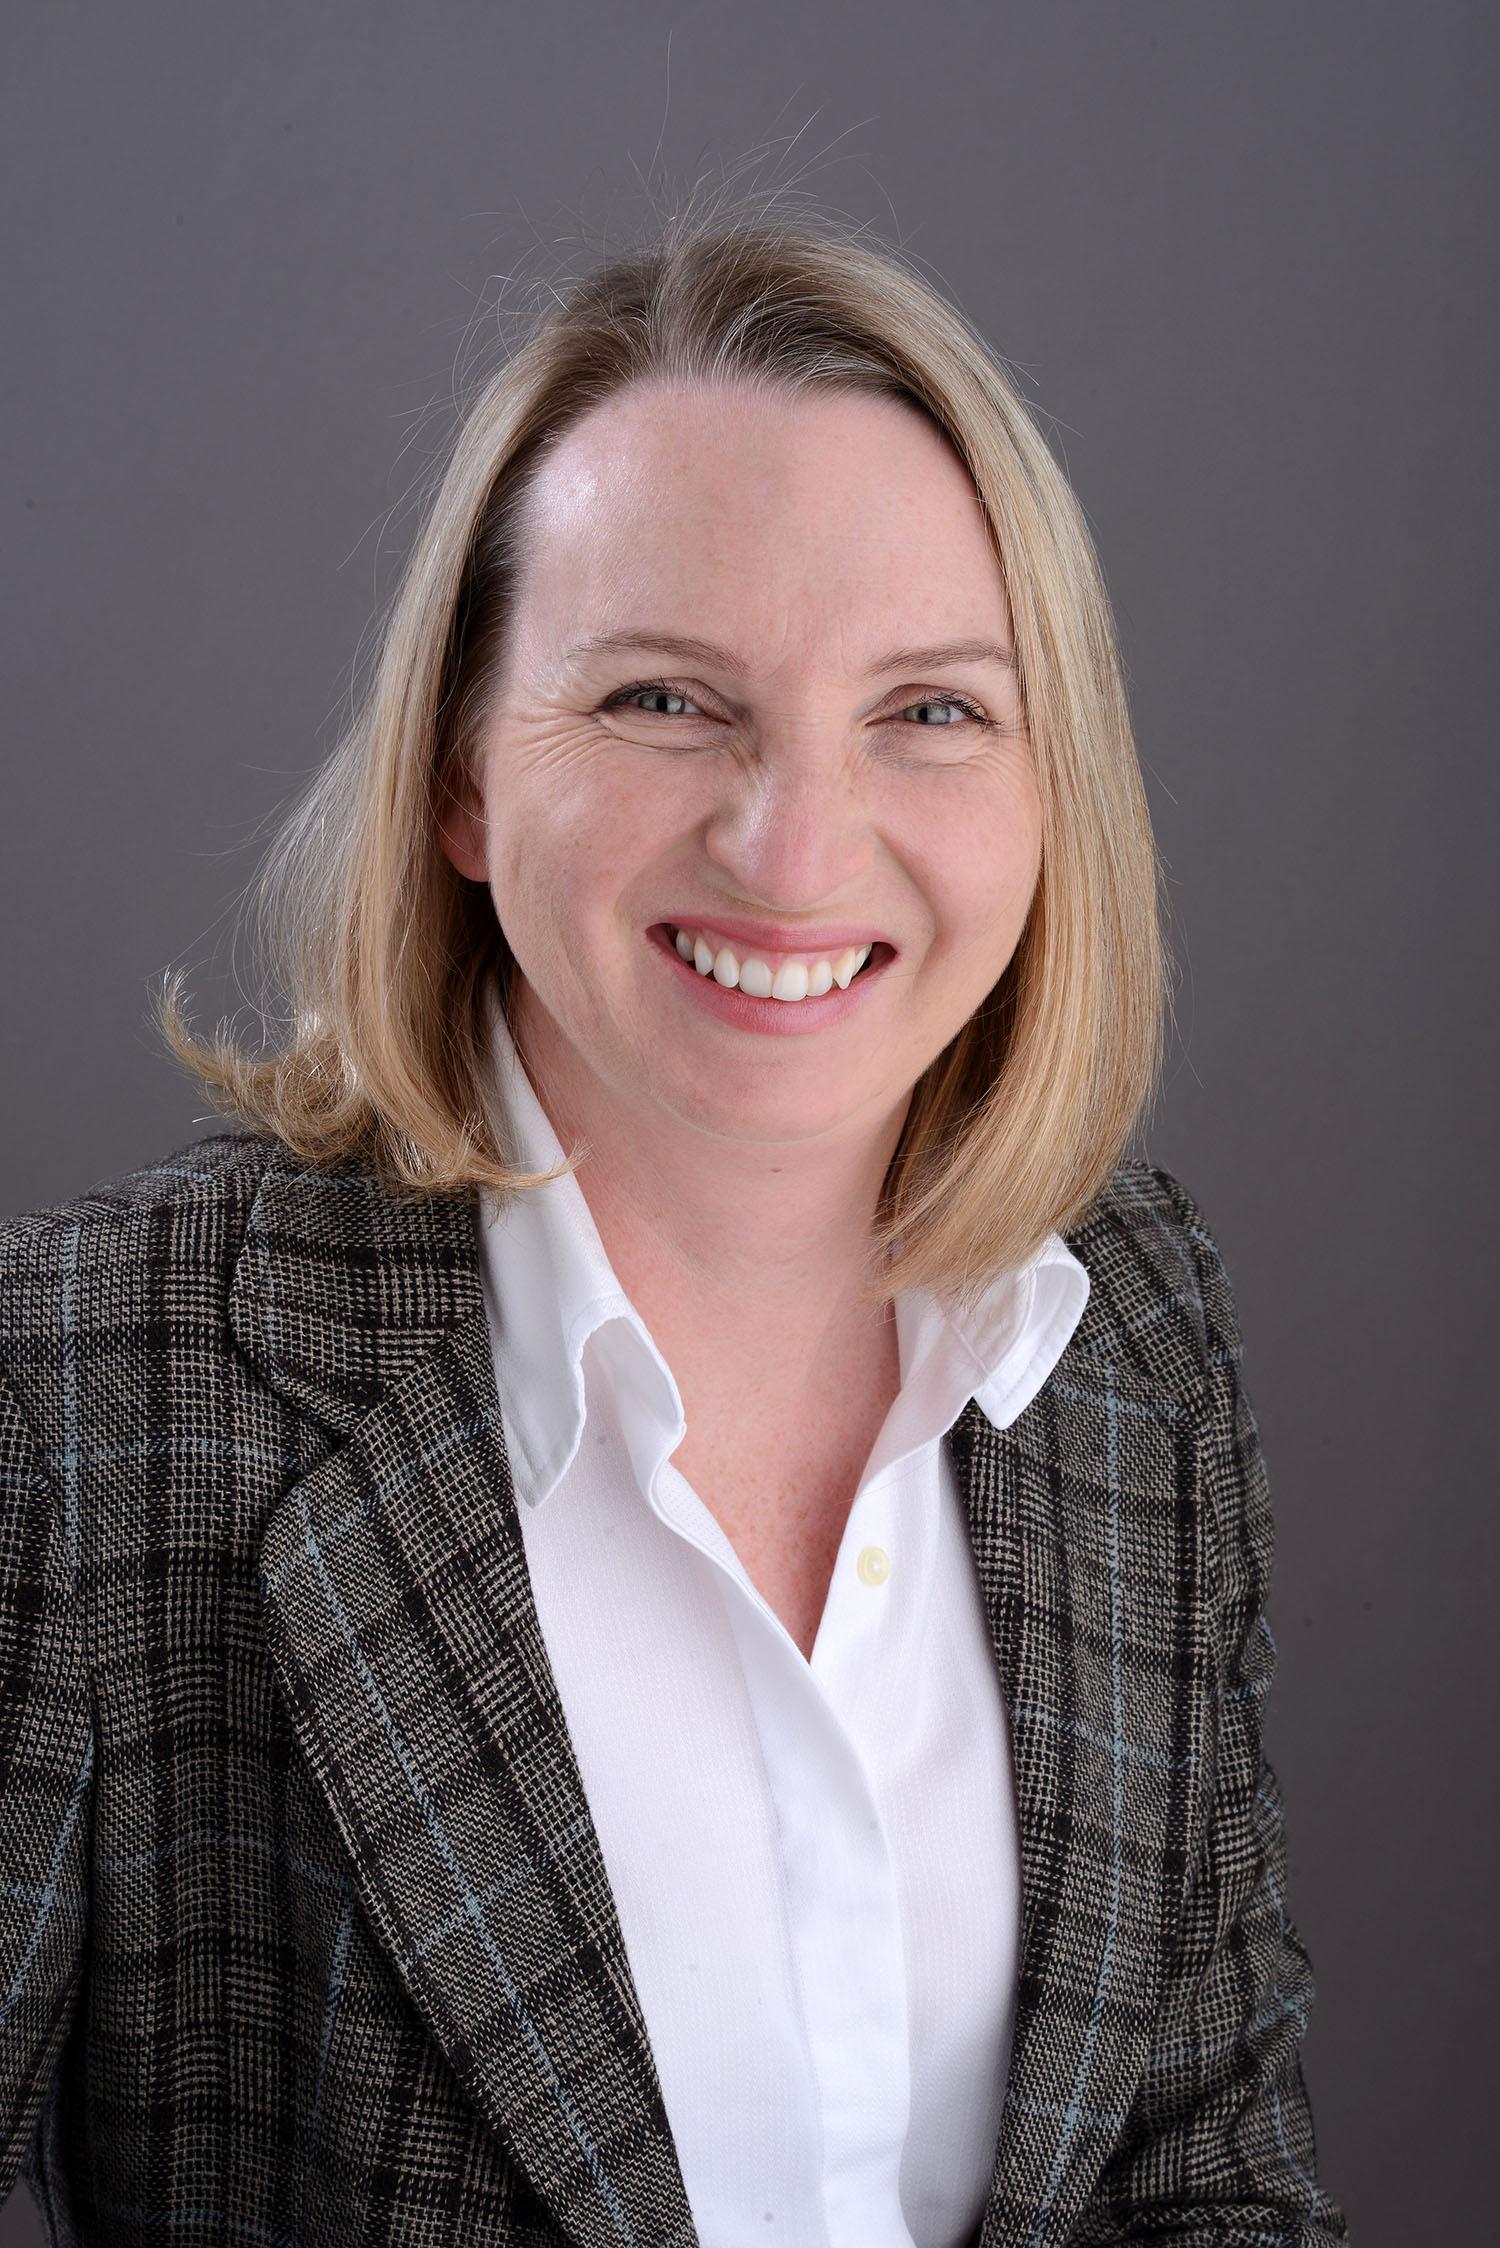 Elmi Muller